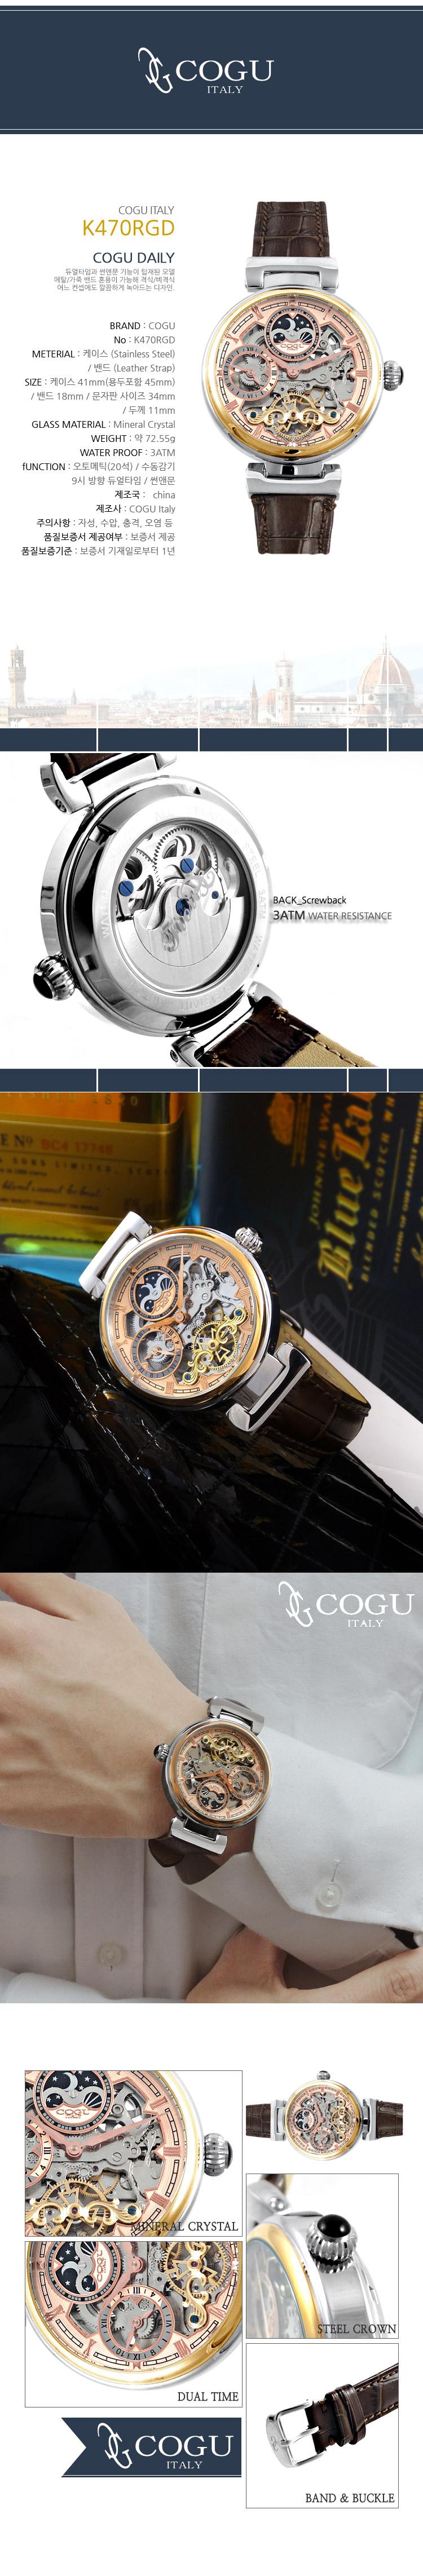 코구(COGU) K470RGD 남성 오토매틱 가죽 손목시계